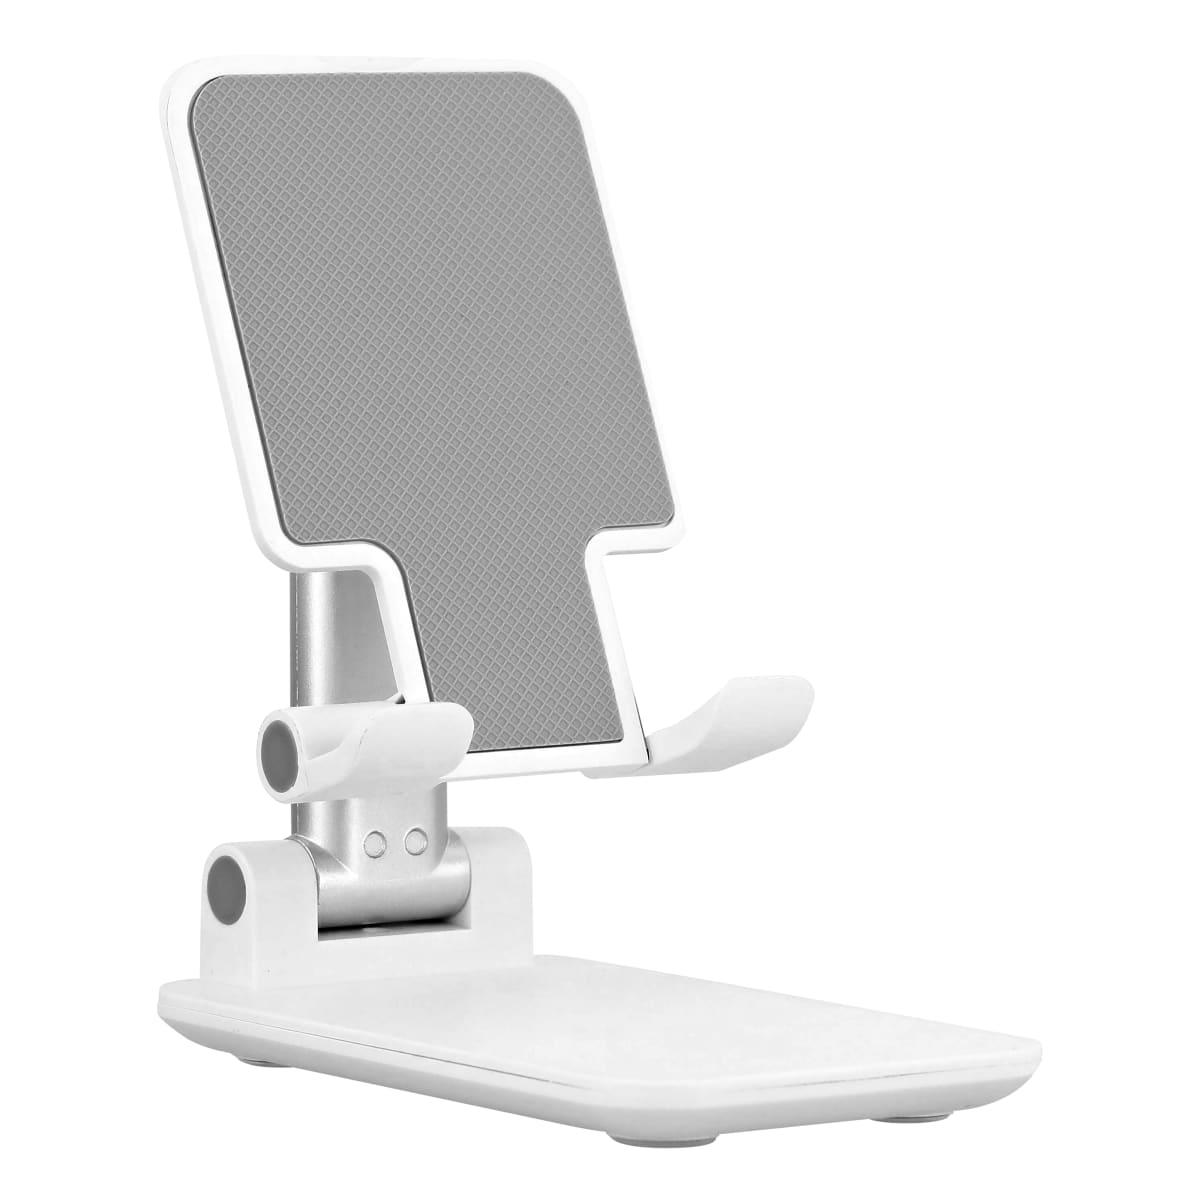 Foldable desktop smartphone holder - INFLUENCE